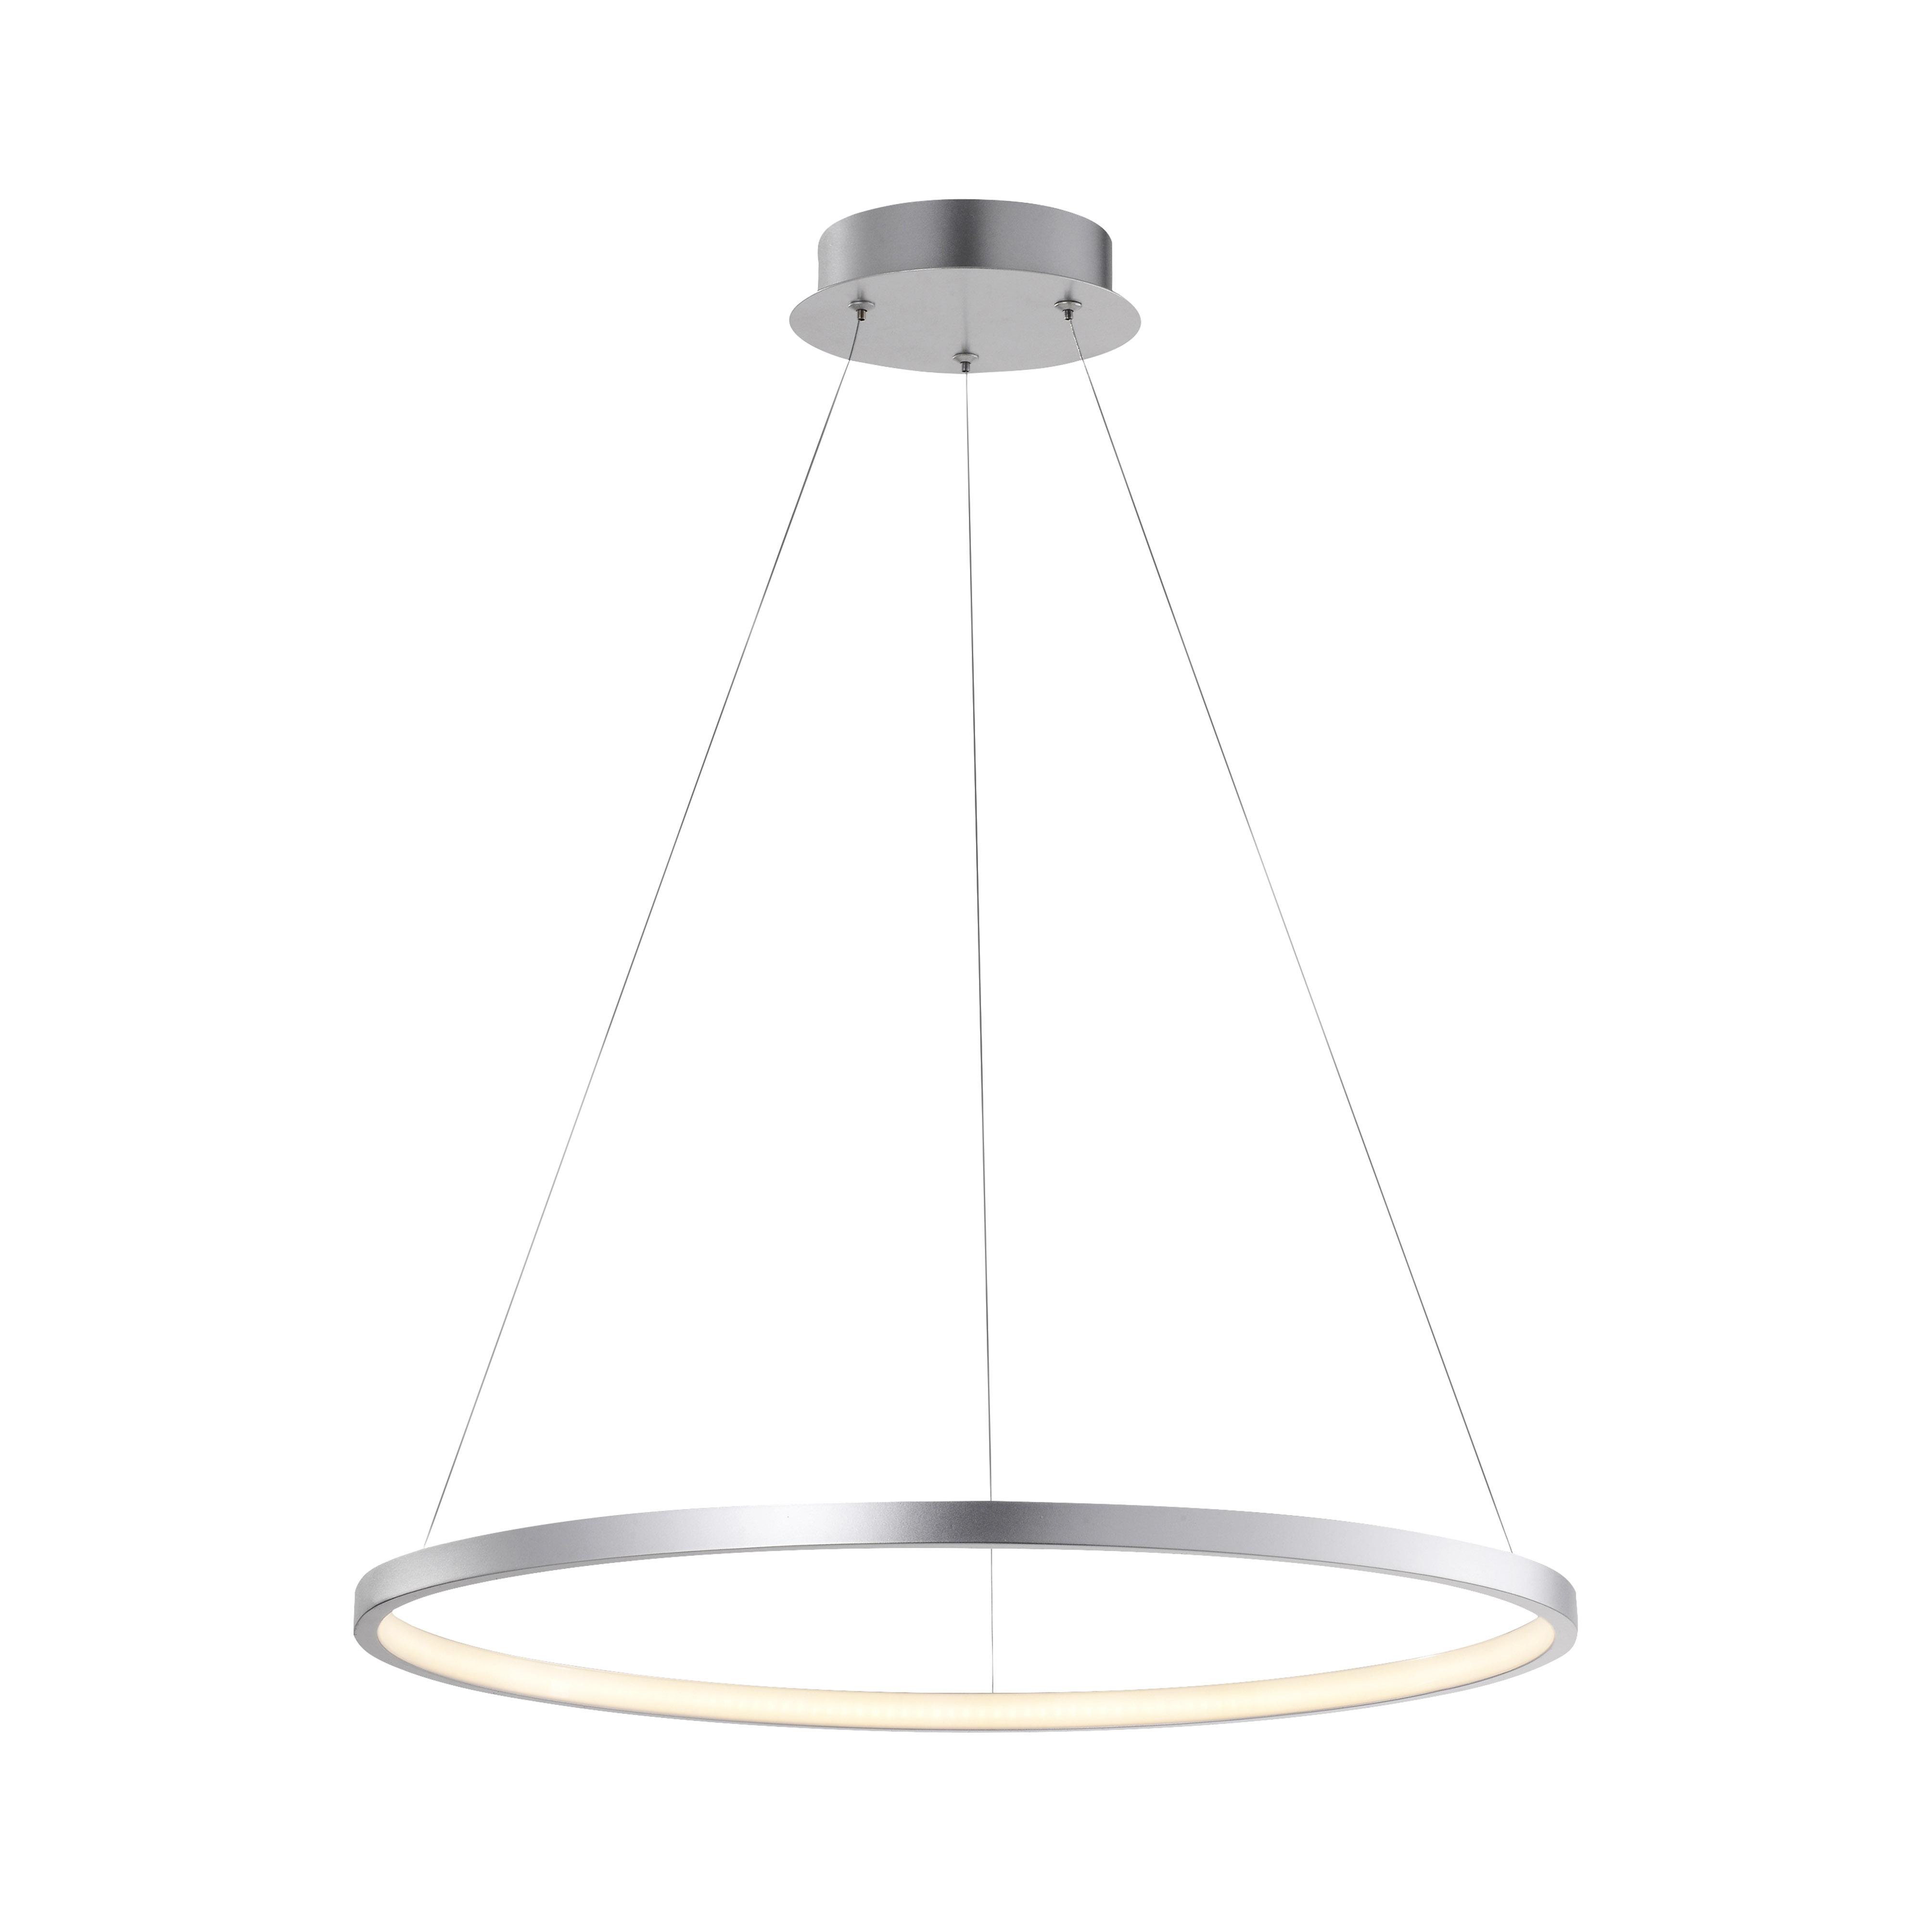 Moderne ring hanglamp zilver 60cm incl. LED - Anella